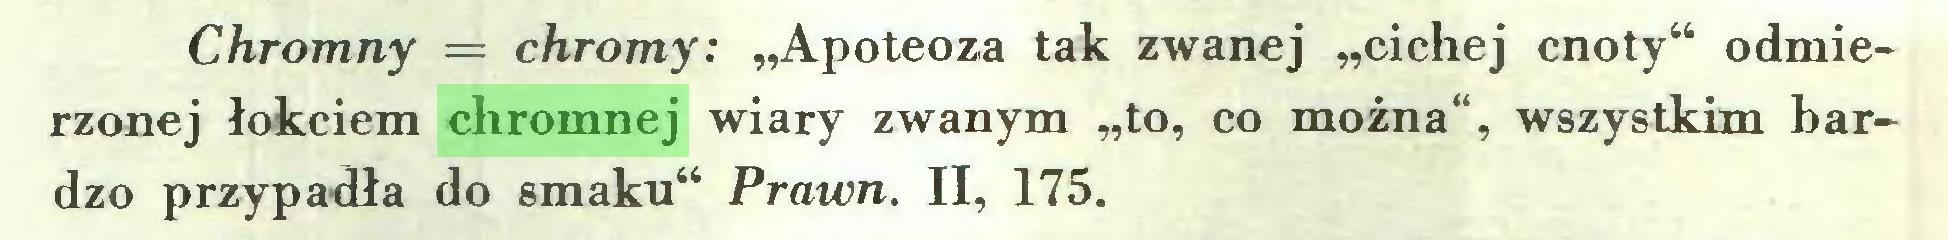 """(...) Chromny = chromy: """"Apoteoza tak zwanej """"cichej cnoty"""" odmierzonej łokciem chromnej wiary zwanym """"to, co można"""", wszystkim bardzo przypadła do smaku"""" Prawn. II, 175..."""